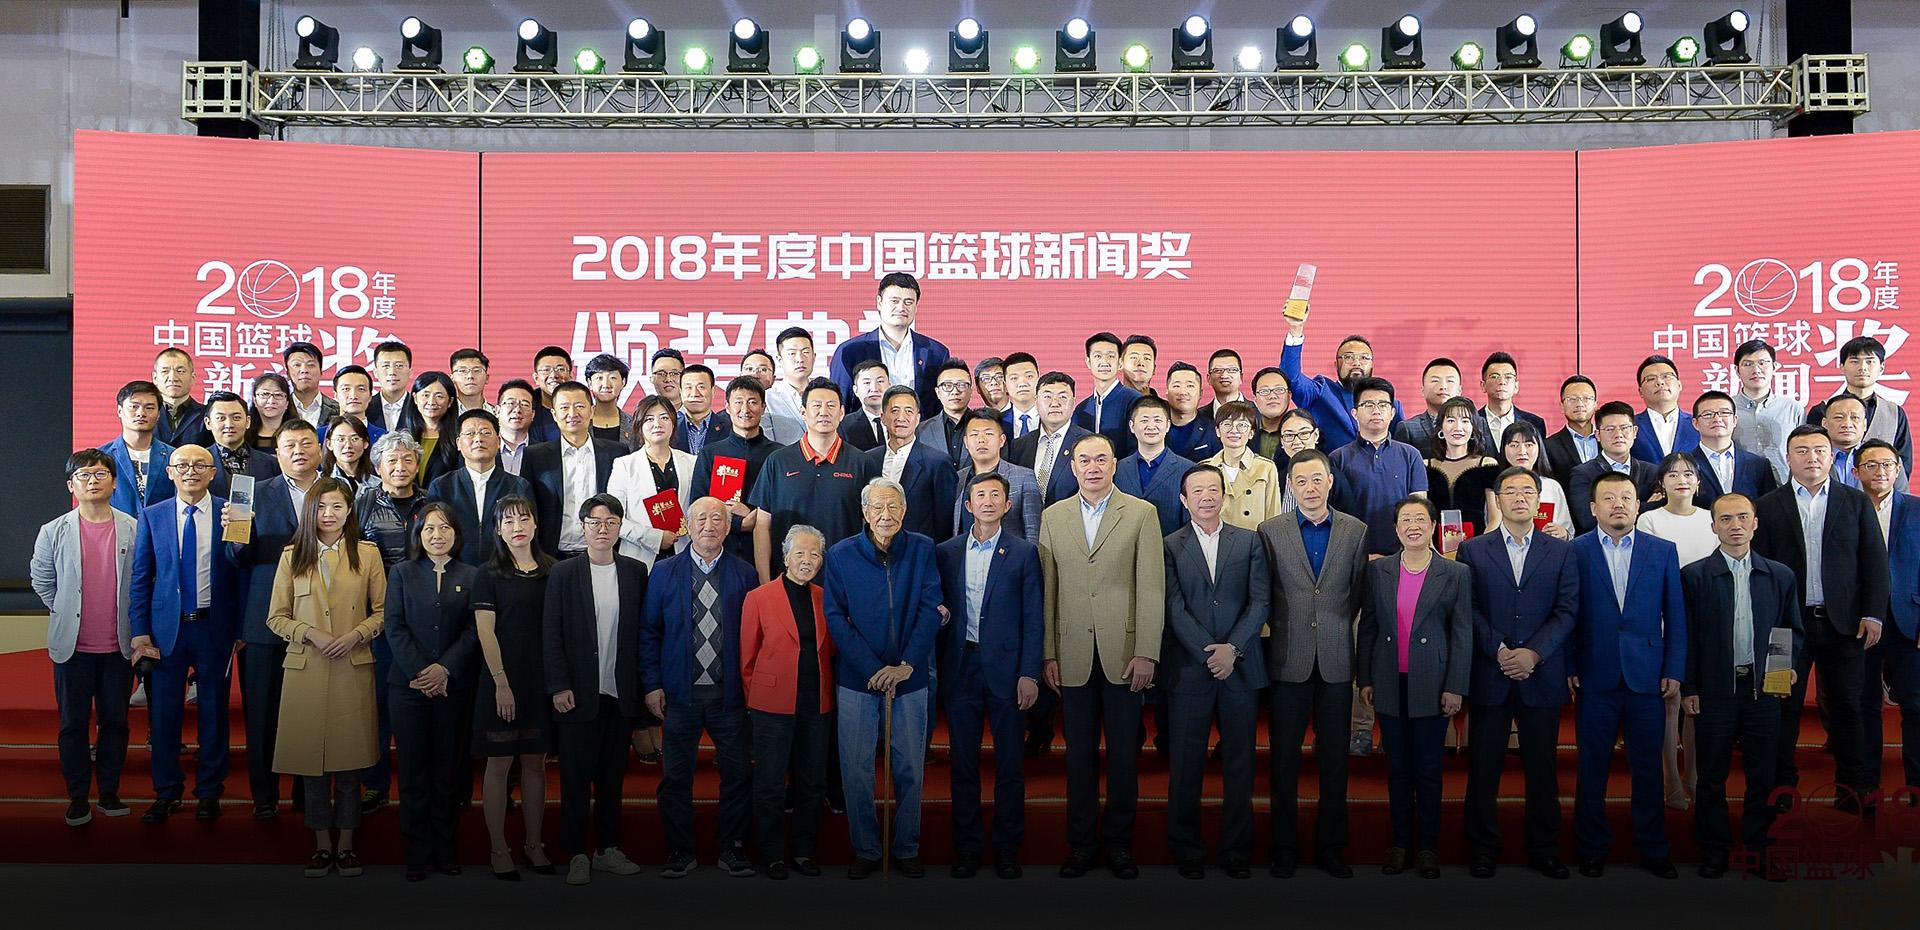 2018年度中国篮球新闻奖颁奖典礼